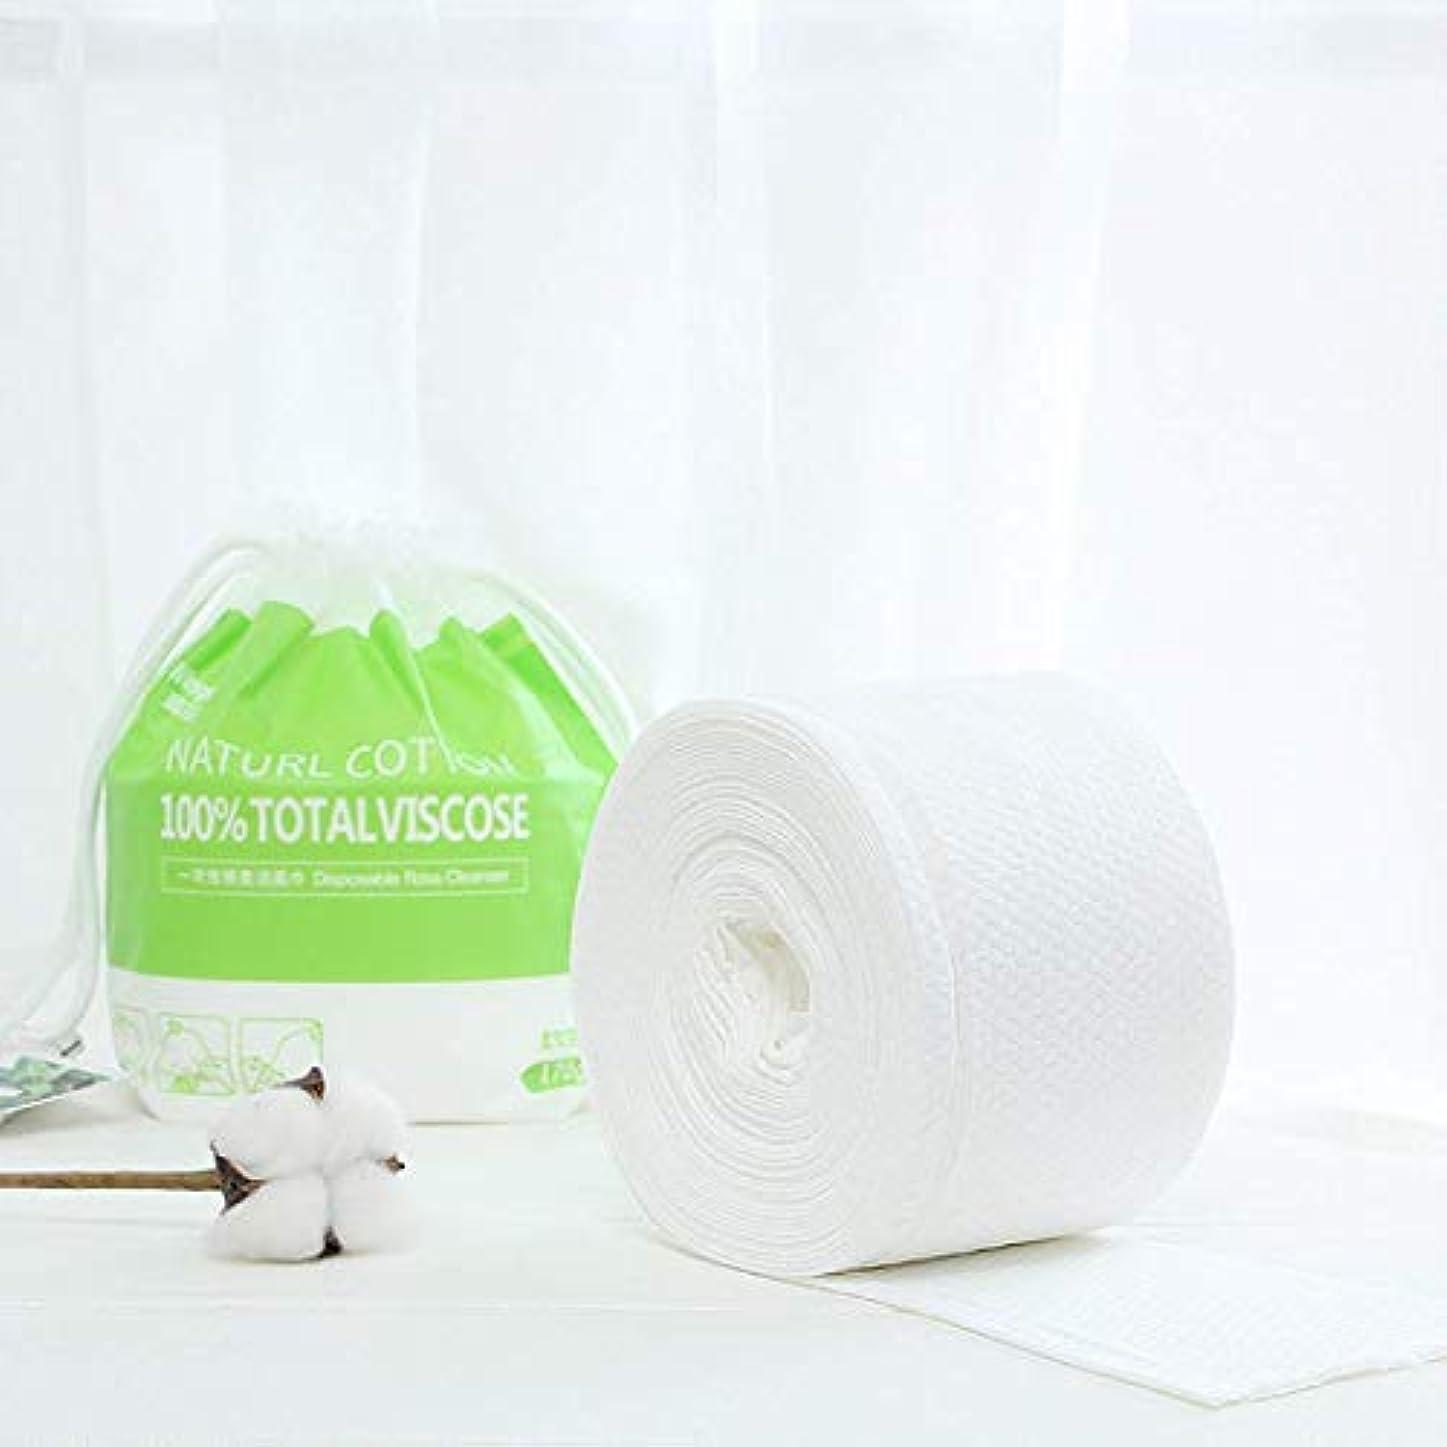 むさぼり食うプラスメールを書く高品質の綿ウェットとドライタオルフェイシャル柔軟化使い捨てクレンジングタオル80ピースポータブル